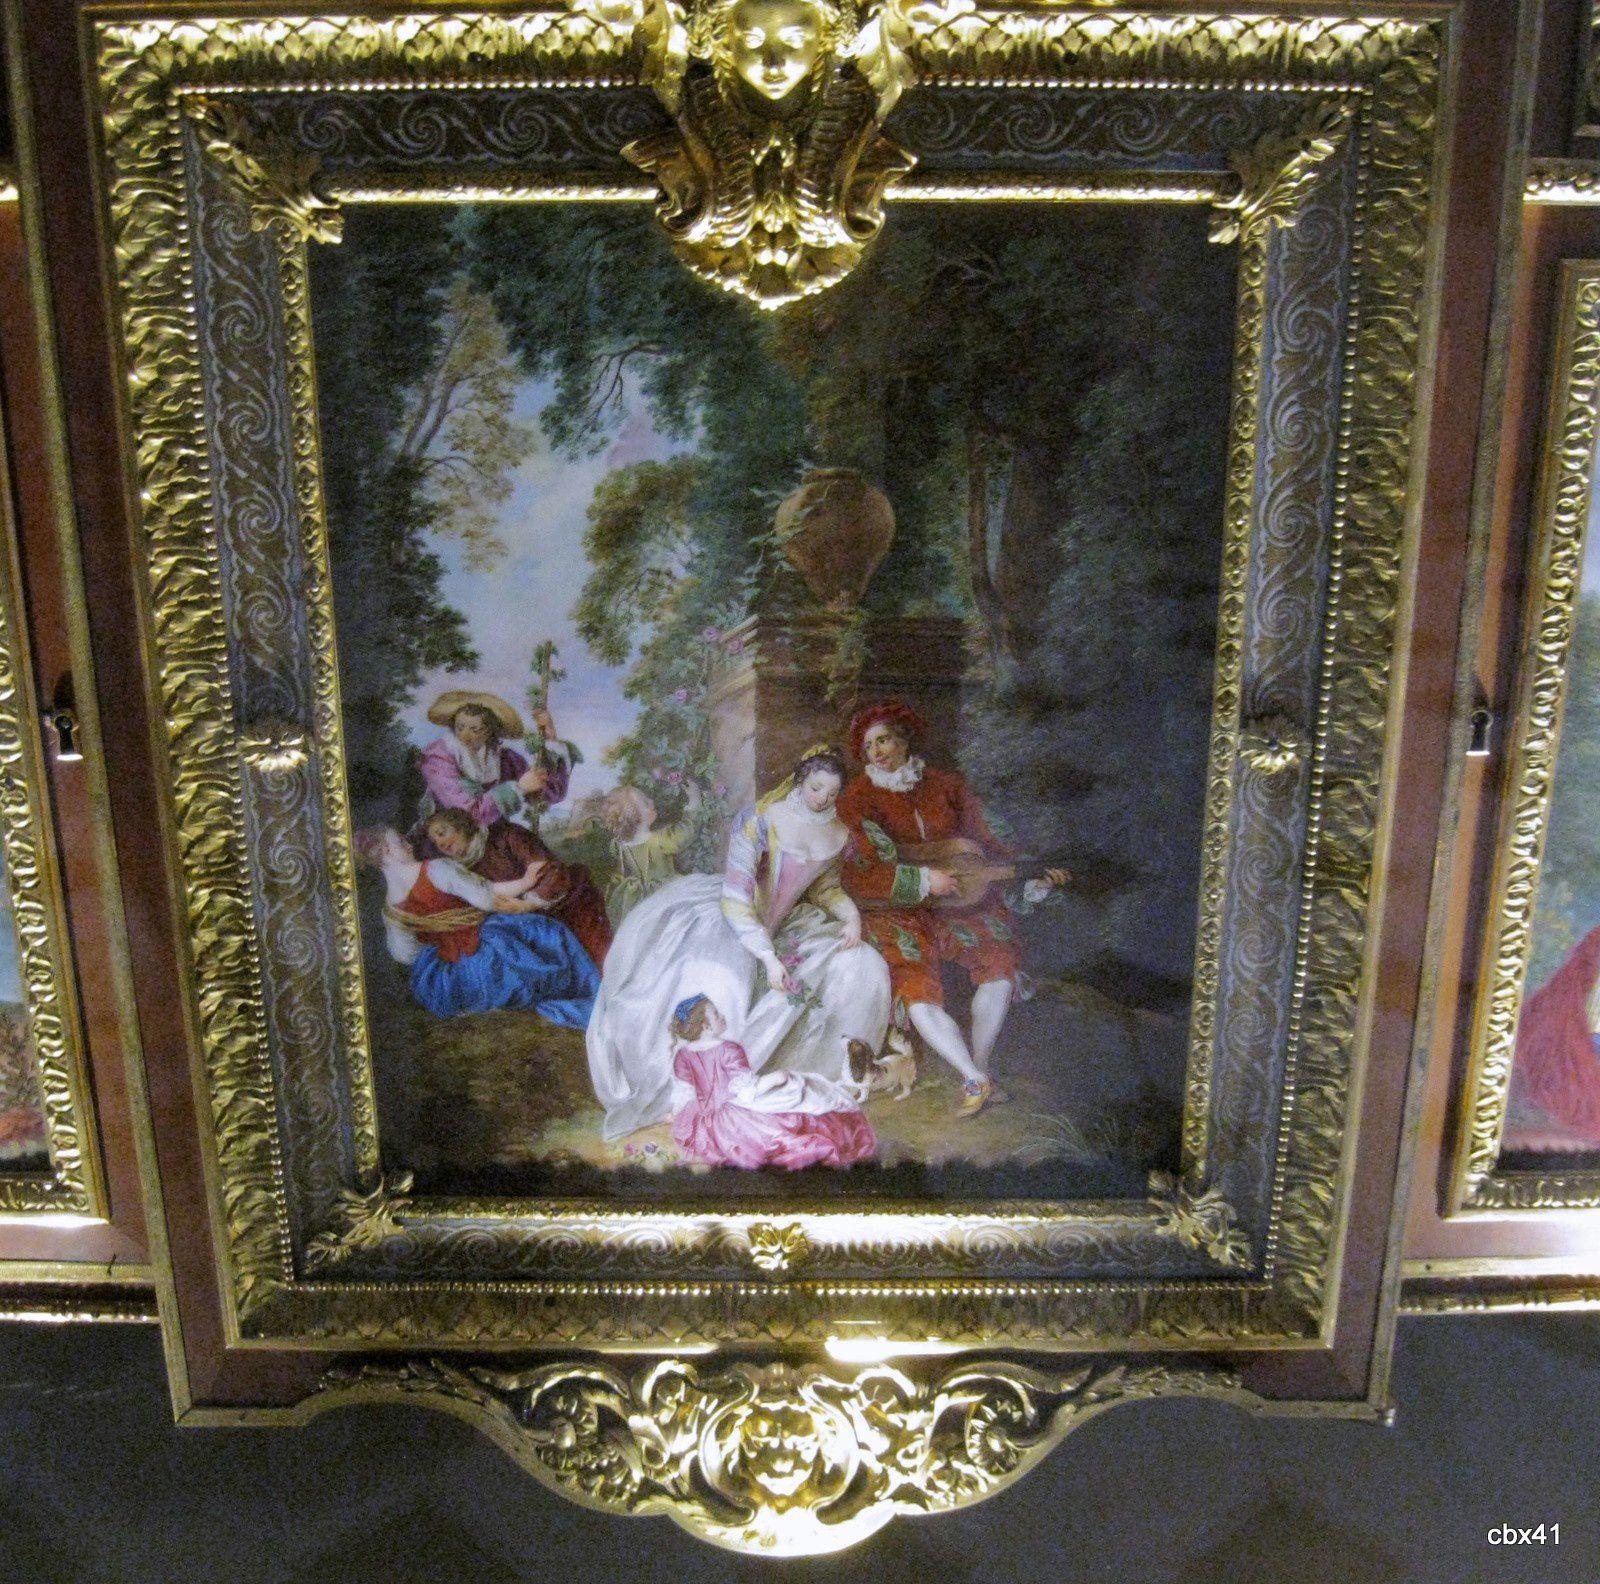 Mobilier de la salle Edmond de Rothschild (Louvre)